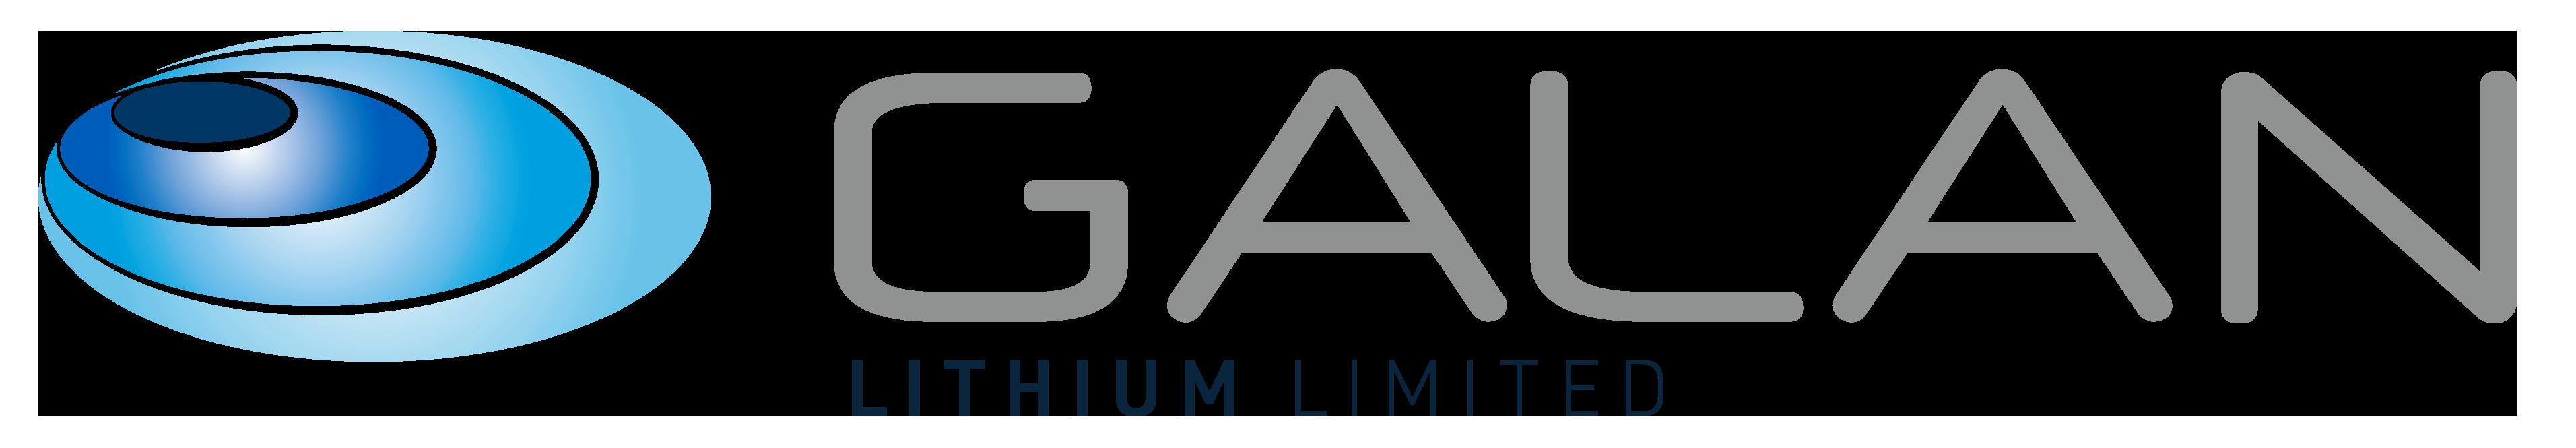 Galan Lithium Limited